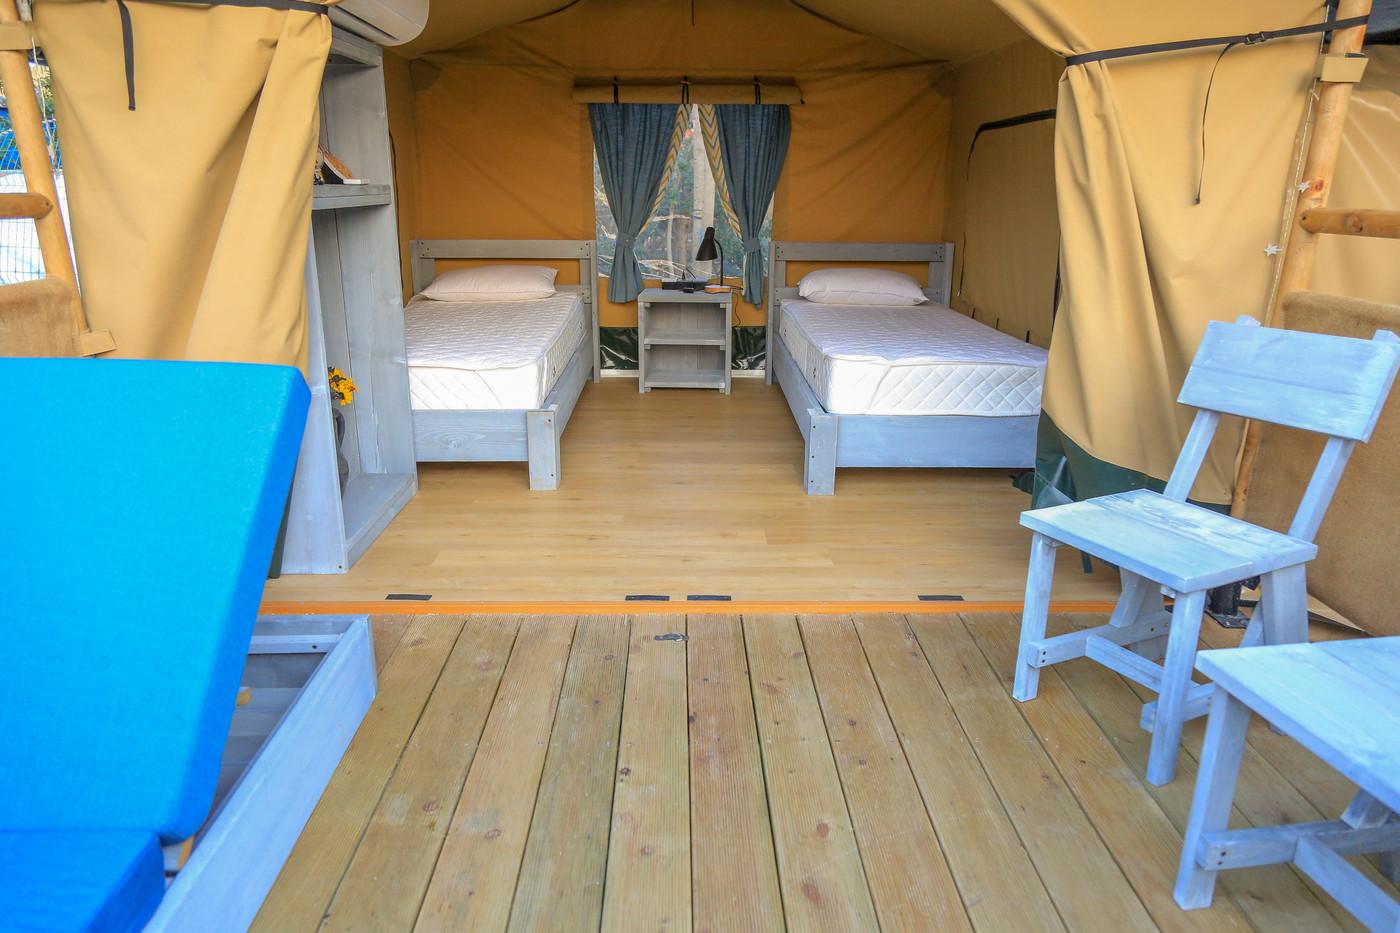 喜马拉雅上海迪士尼邻家营地子母房平地帐篷酒店31